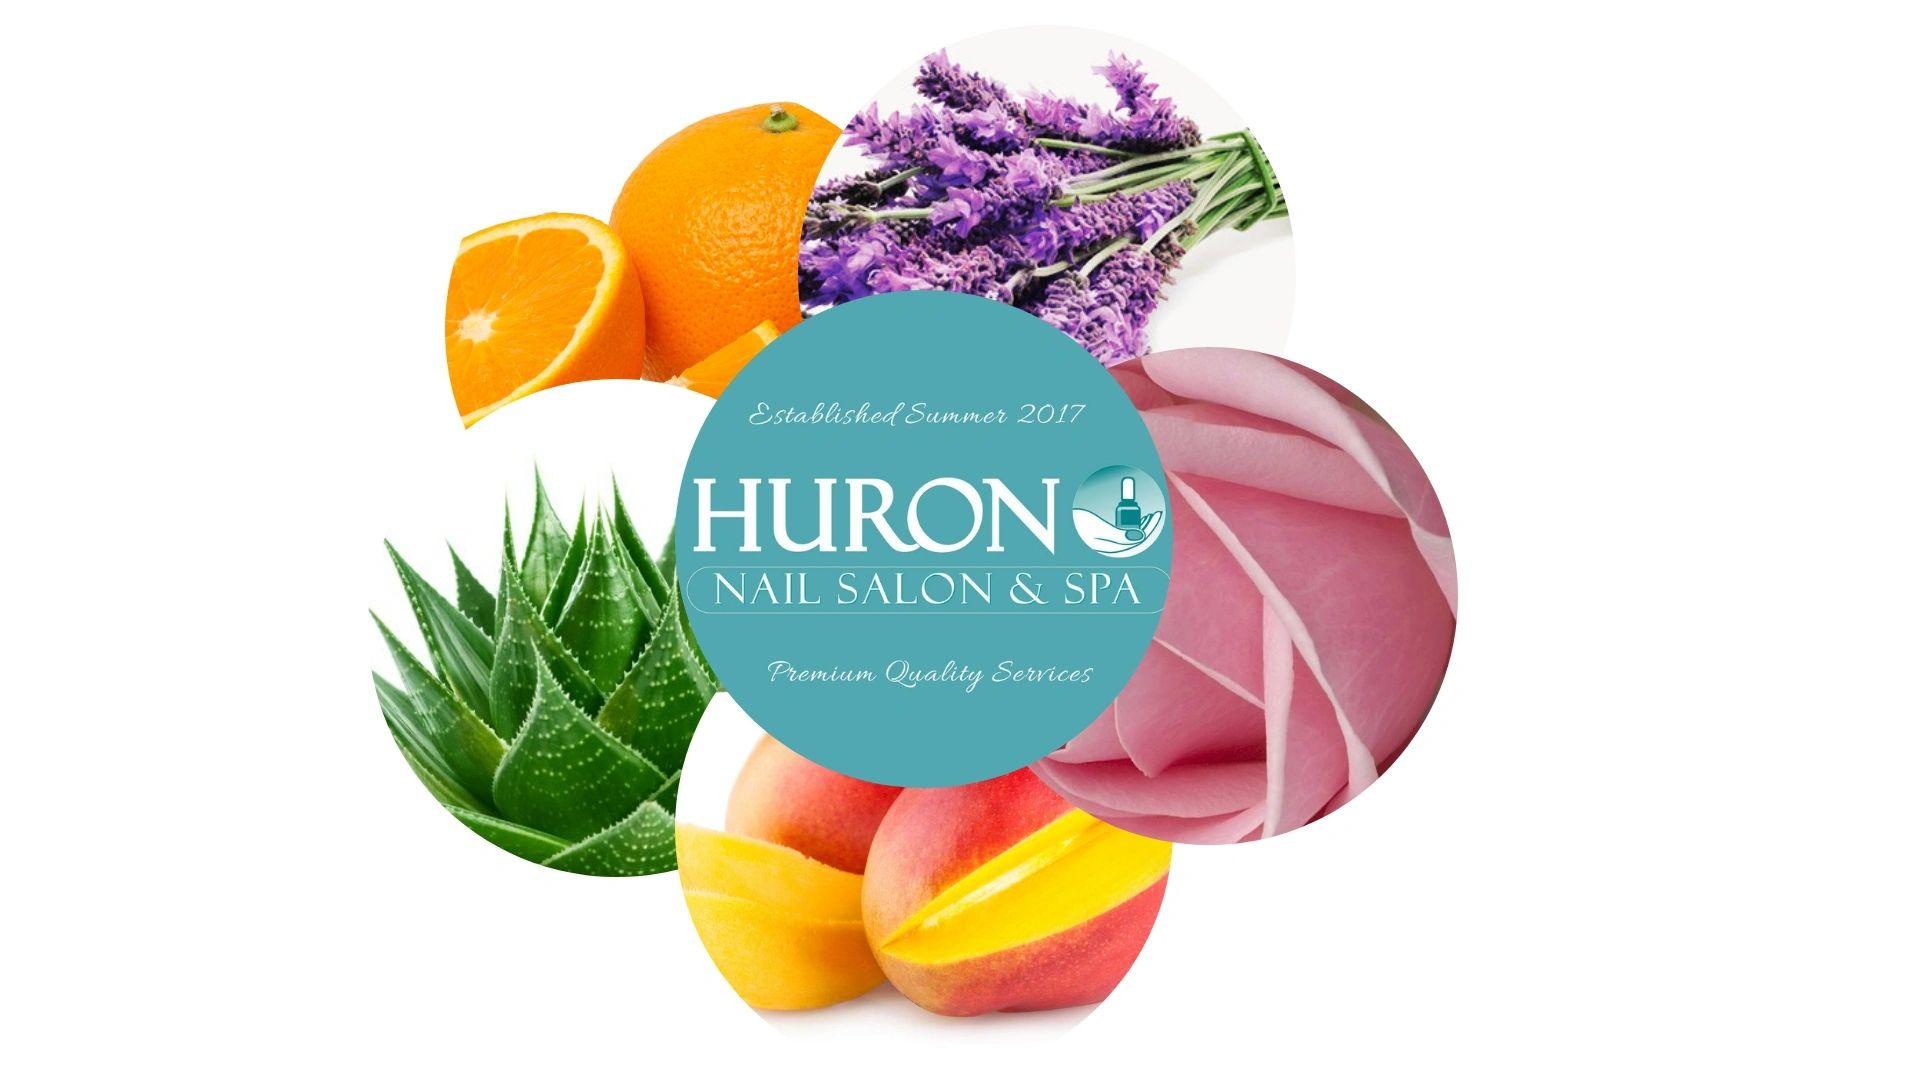 Huron Nail Salon & Spa in Kitchener, Ontario